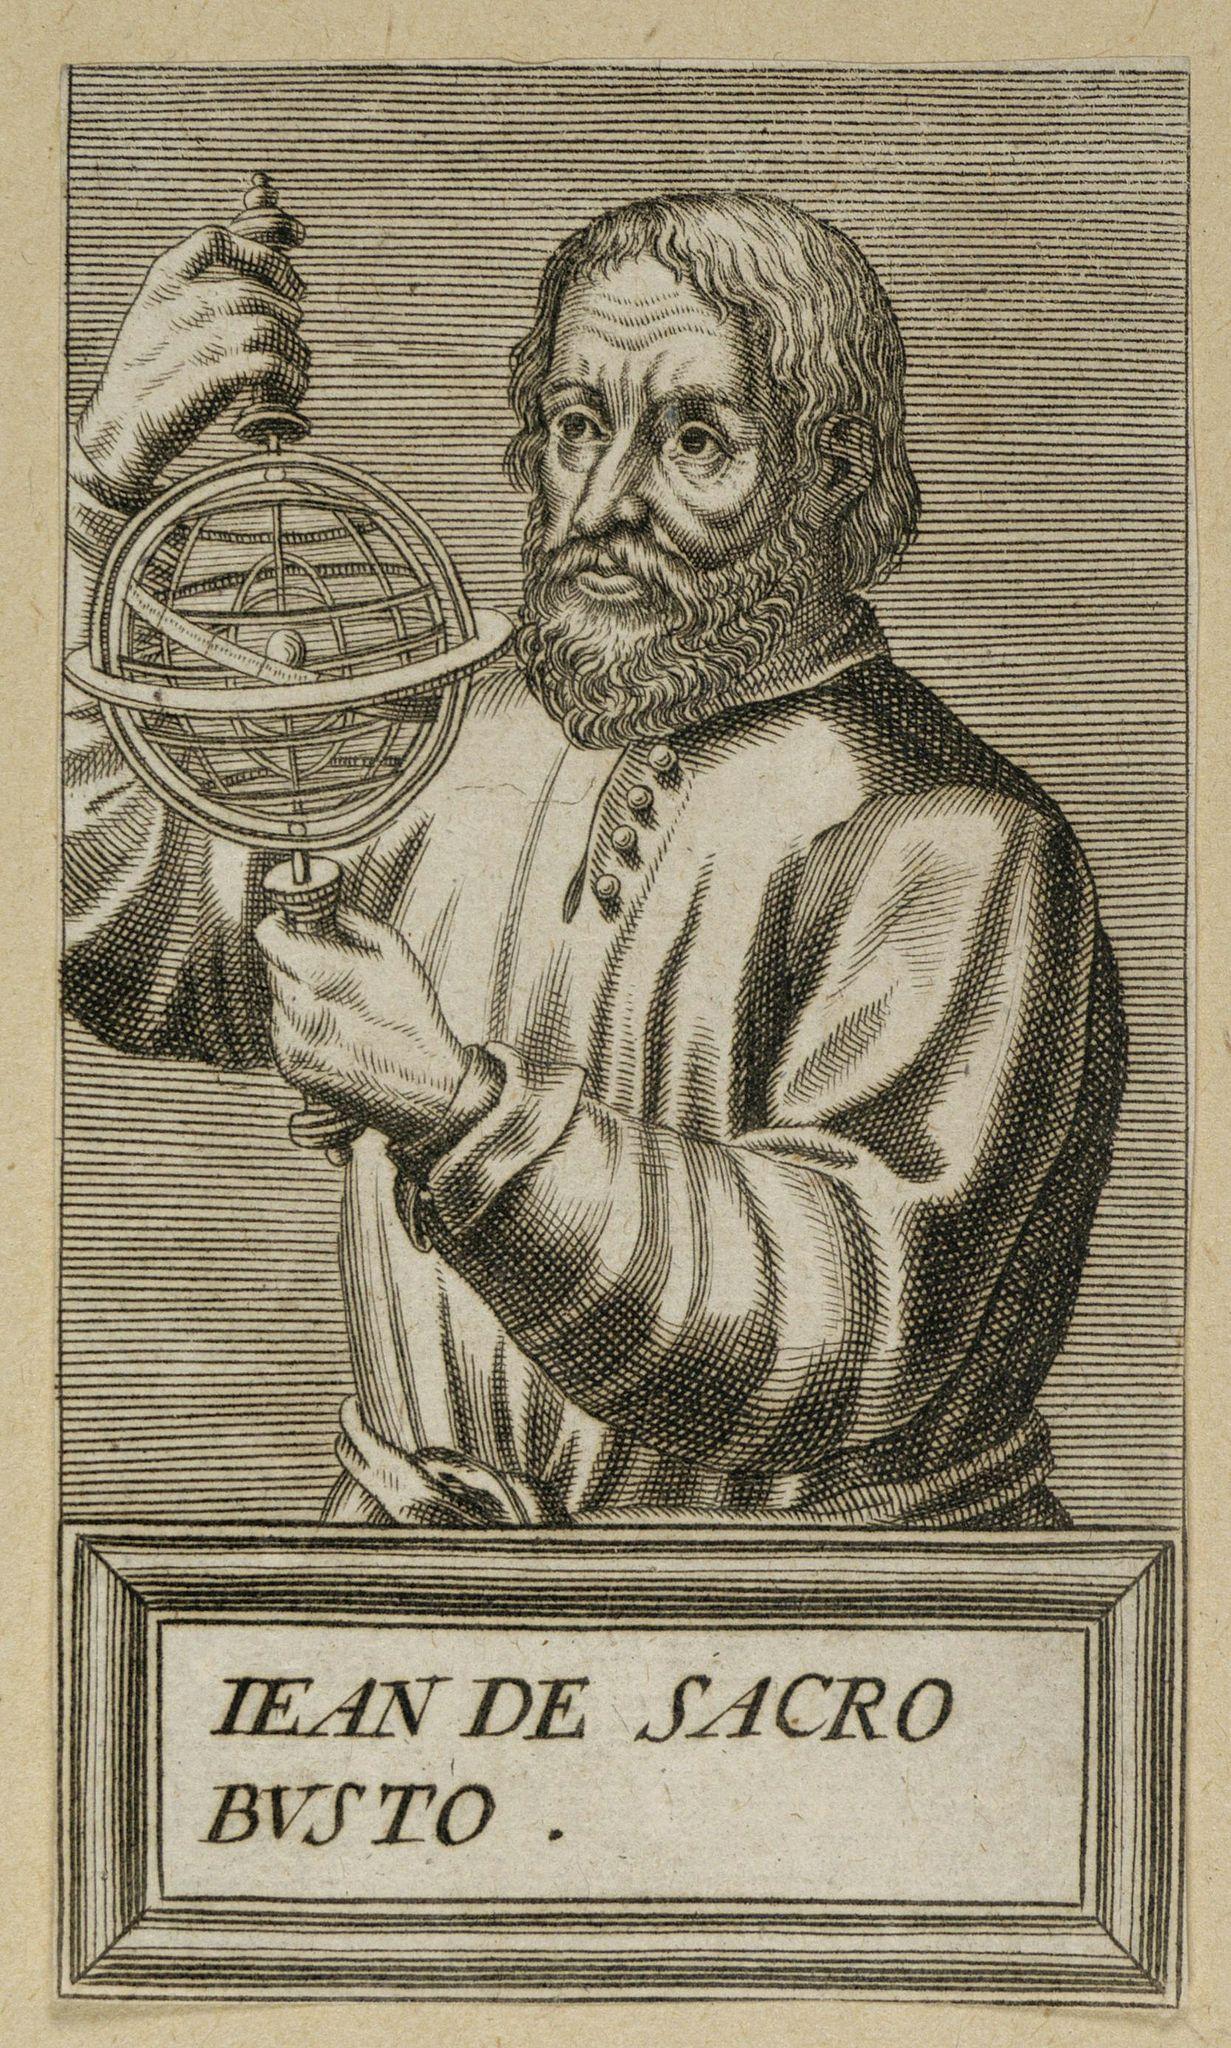 ANONYMOUS -  Jean De Sacro Busto.